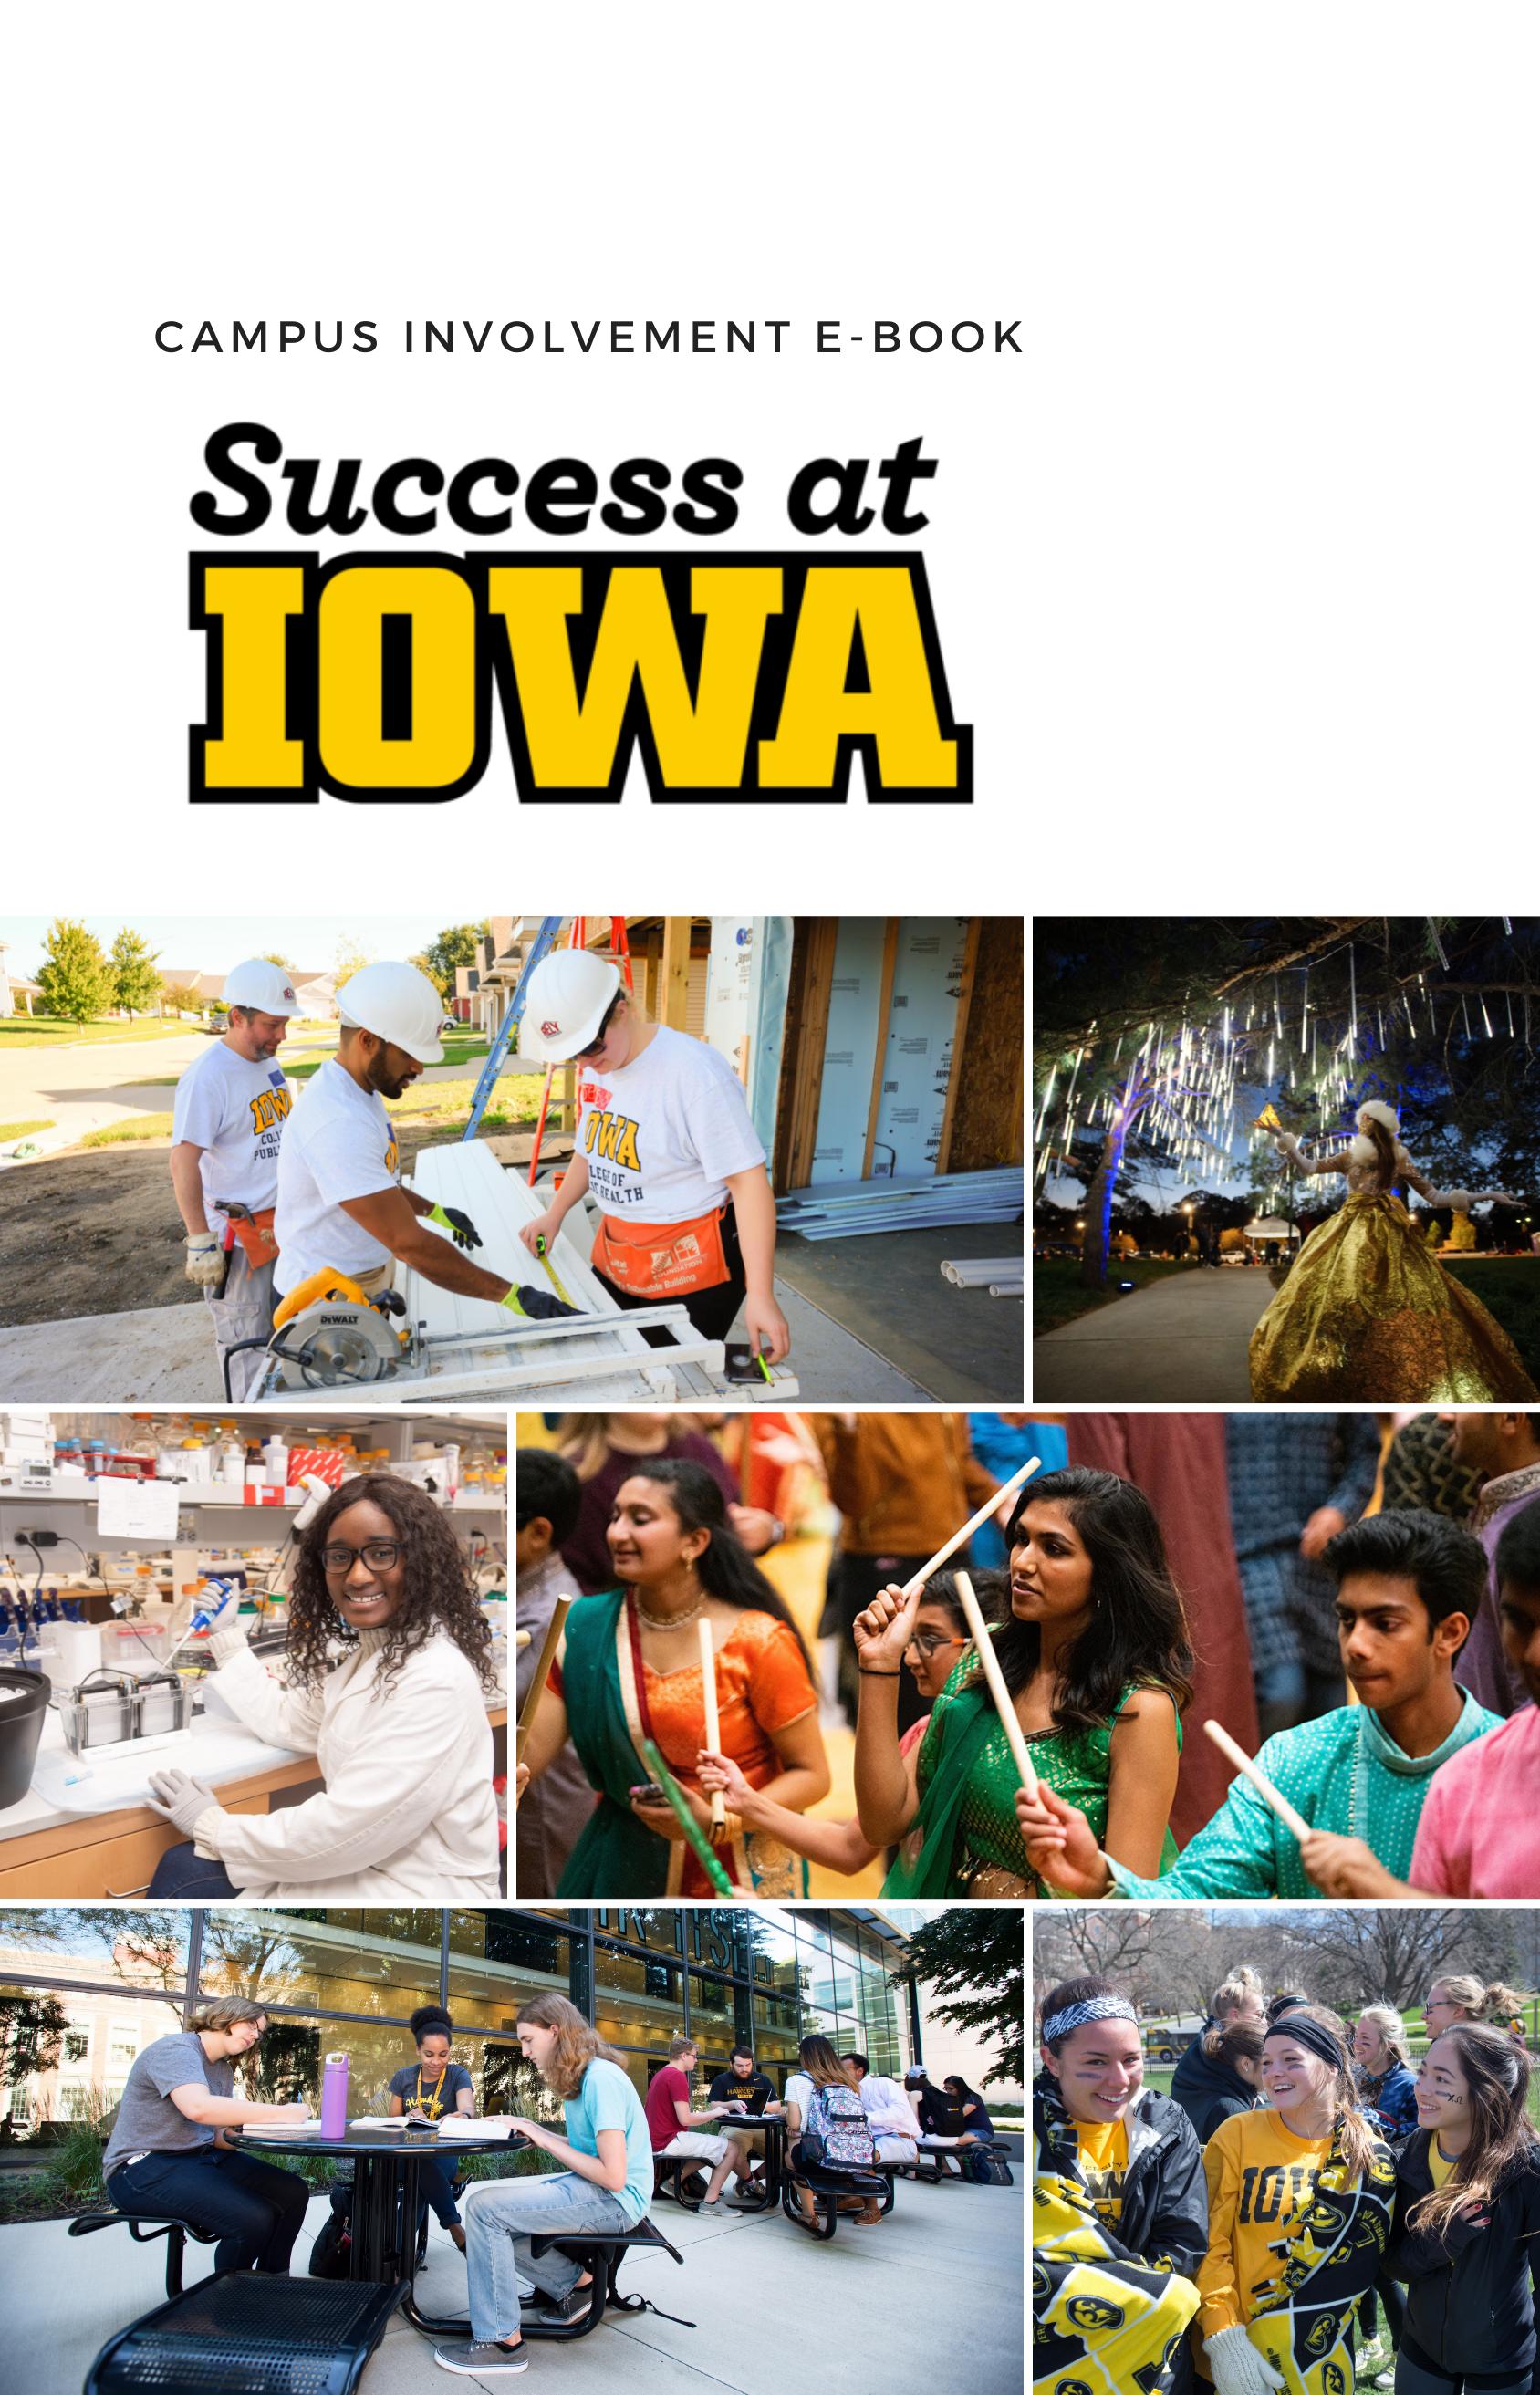 Cover image for Success at Iowa - Campus Involvement E-Book